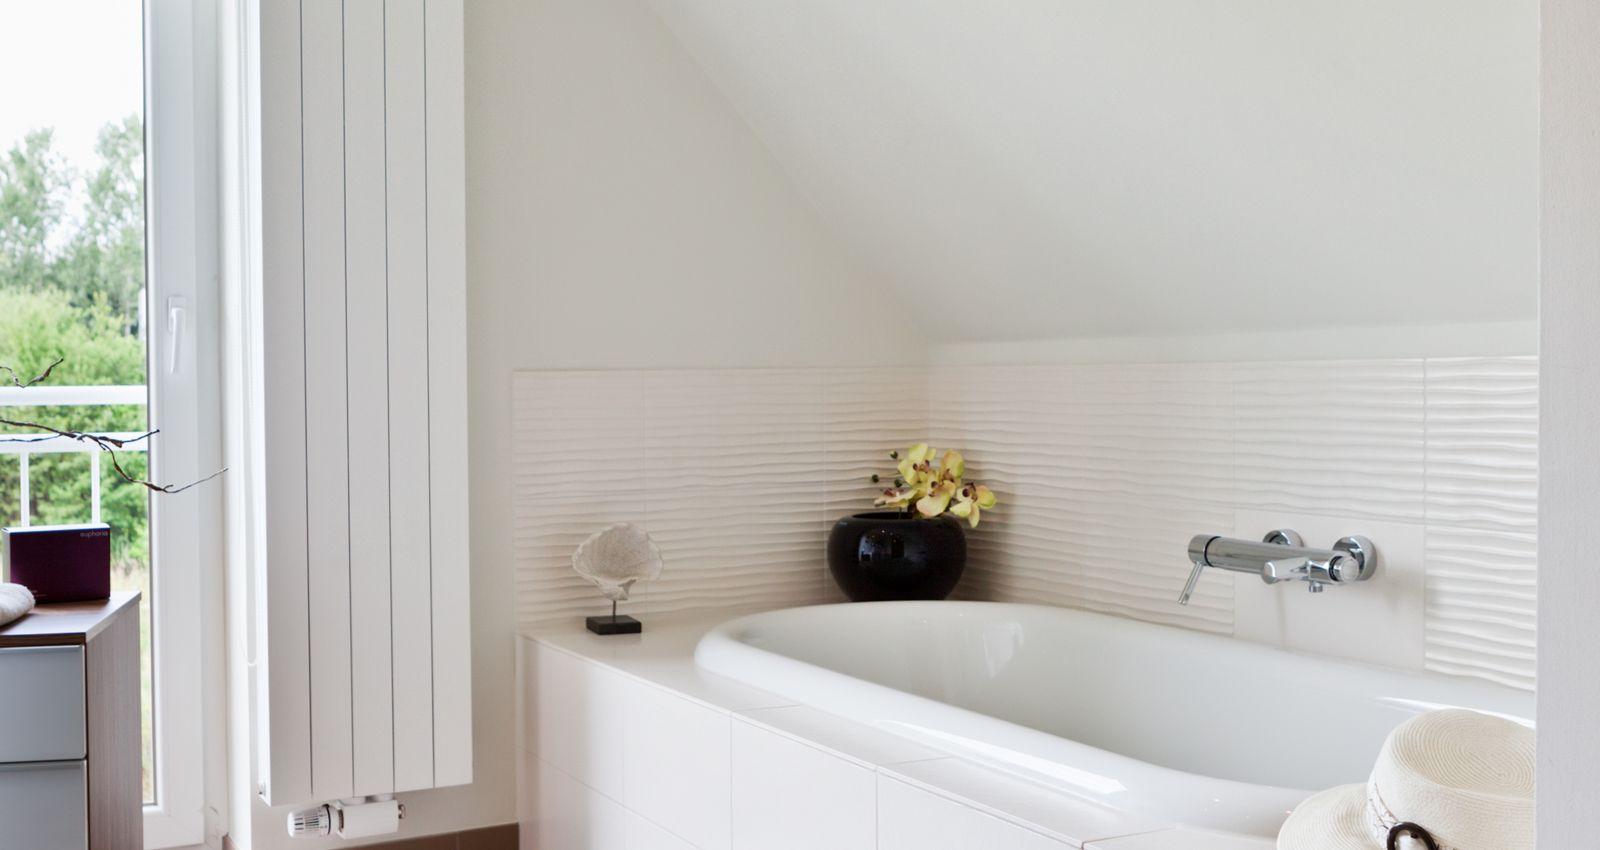 Peindre Sa Salle De Bain comment peindre sa salle de bains ? prix, coût, devis